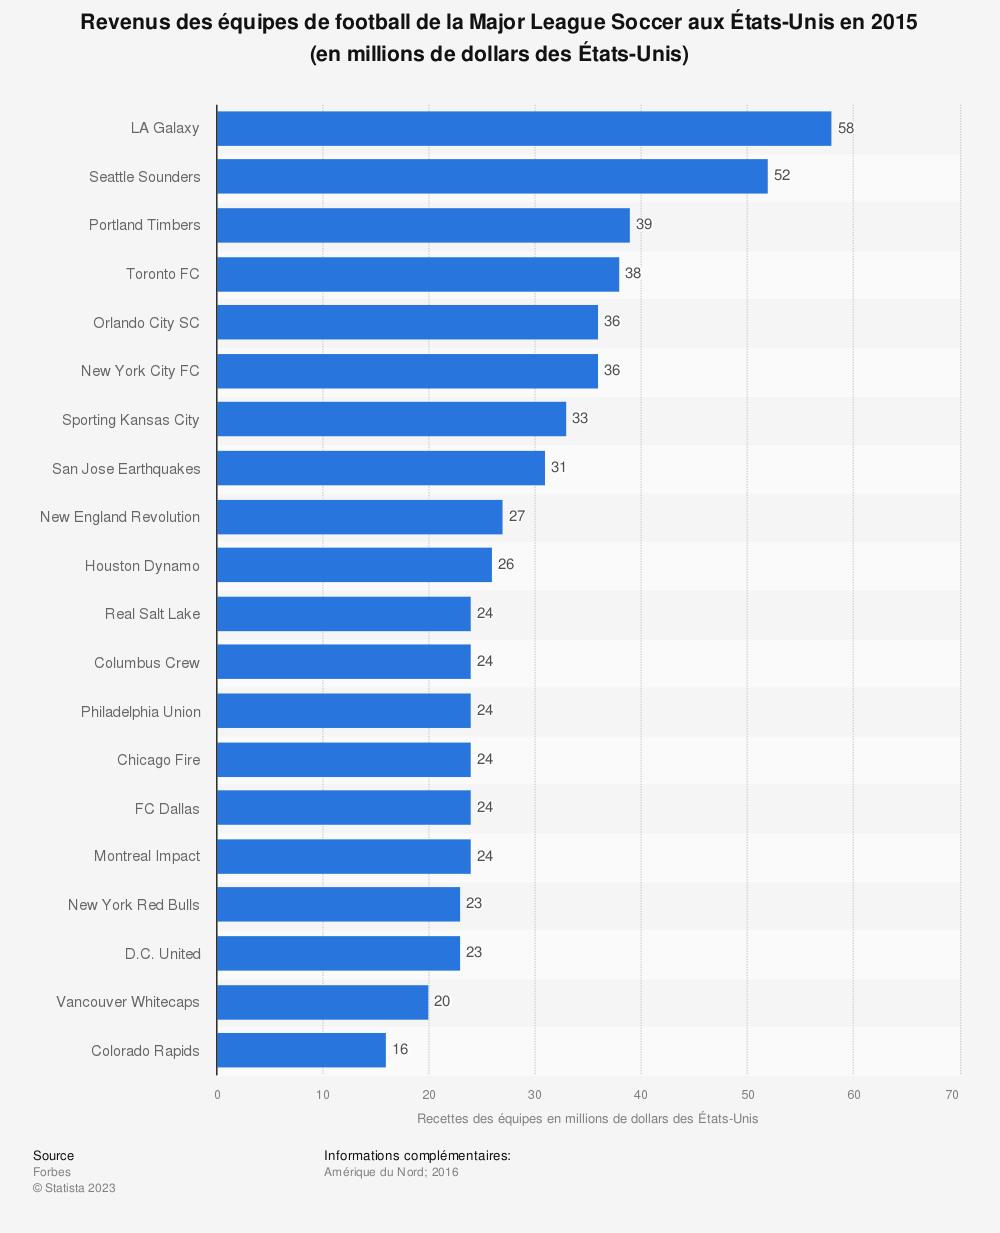 Statistique: Revenus des équipes de football de la Major League Soccer aux États-Unis en 2015 (en millions de dollars des États-Unis) | Statista